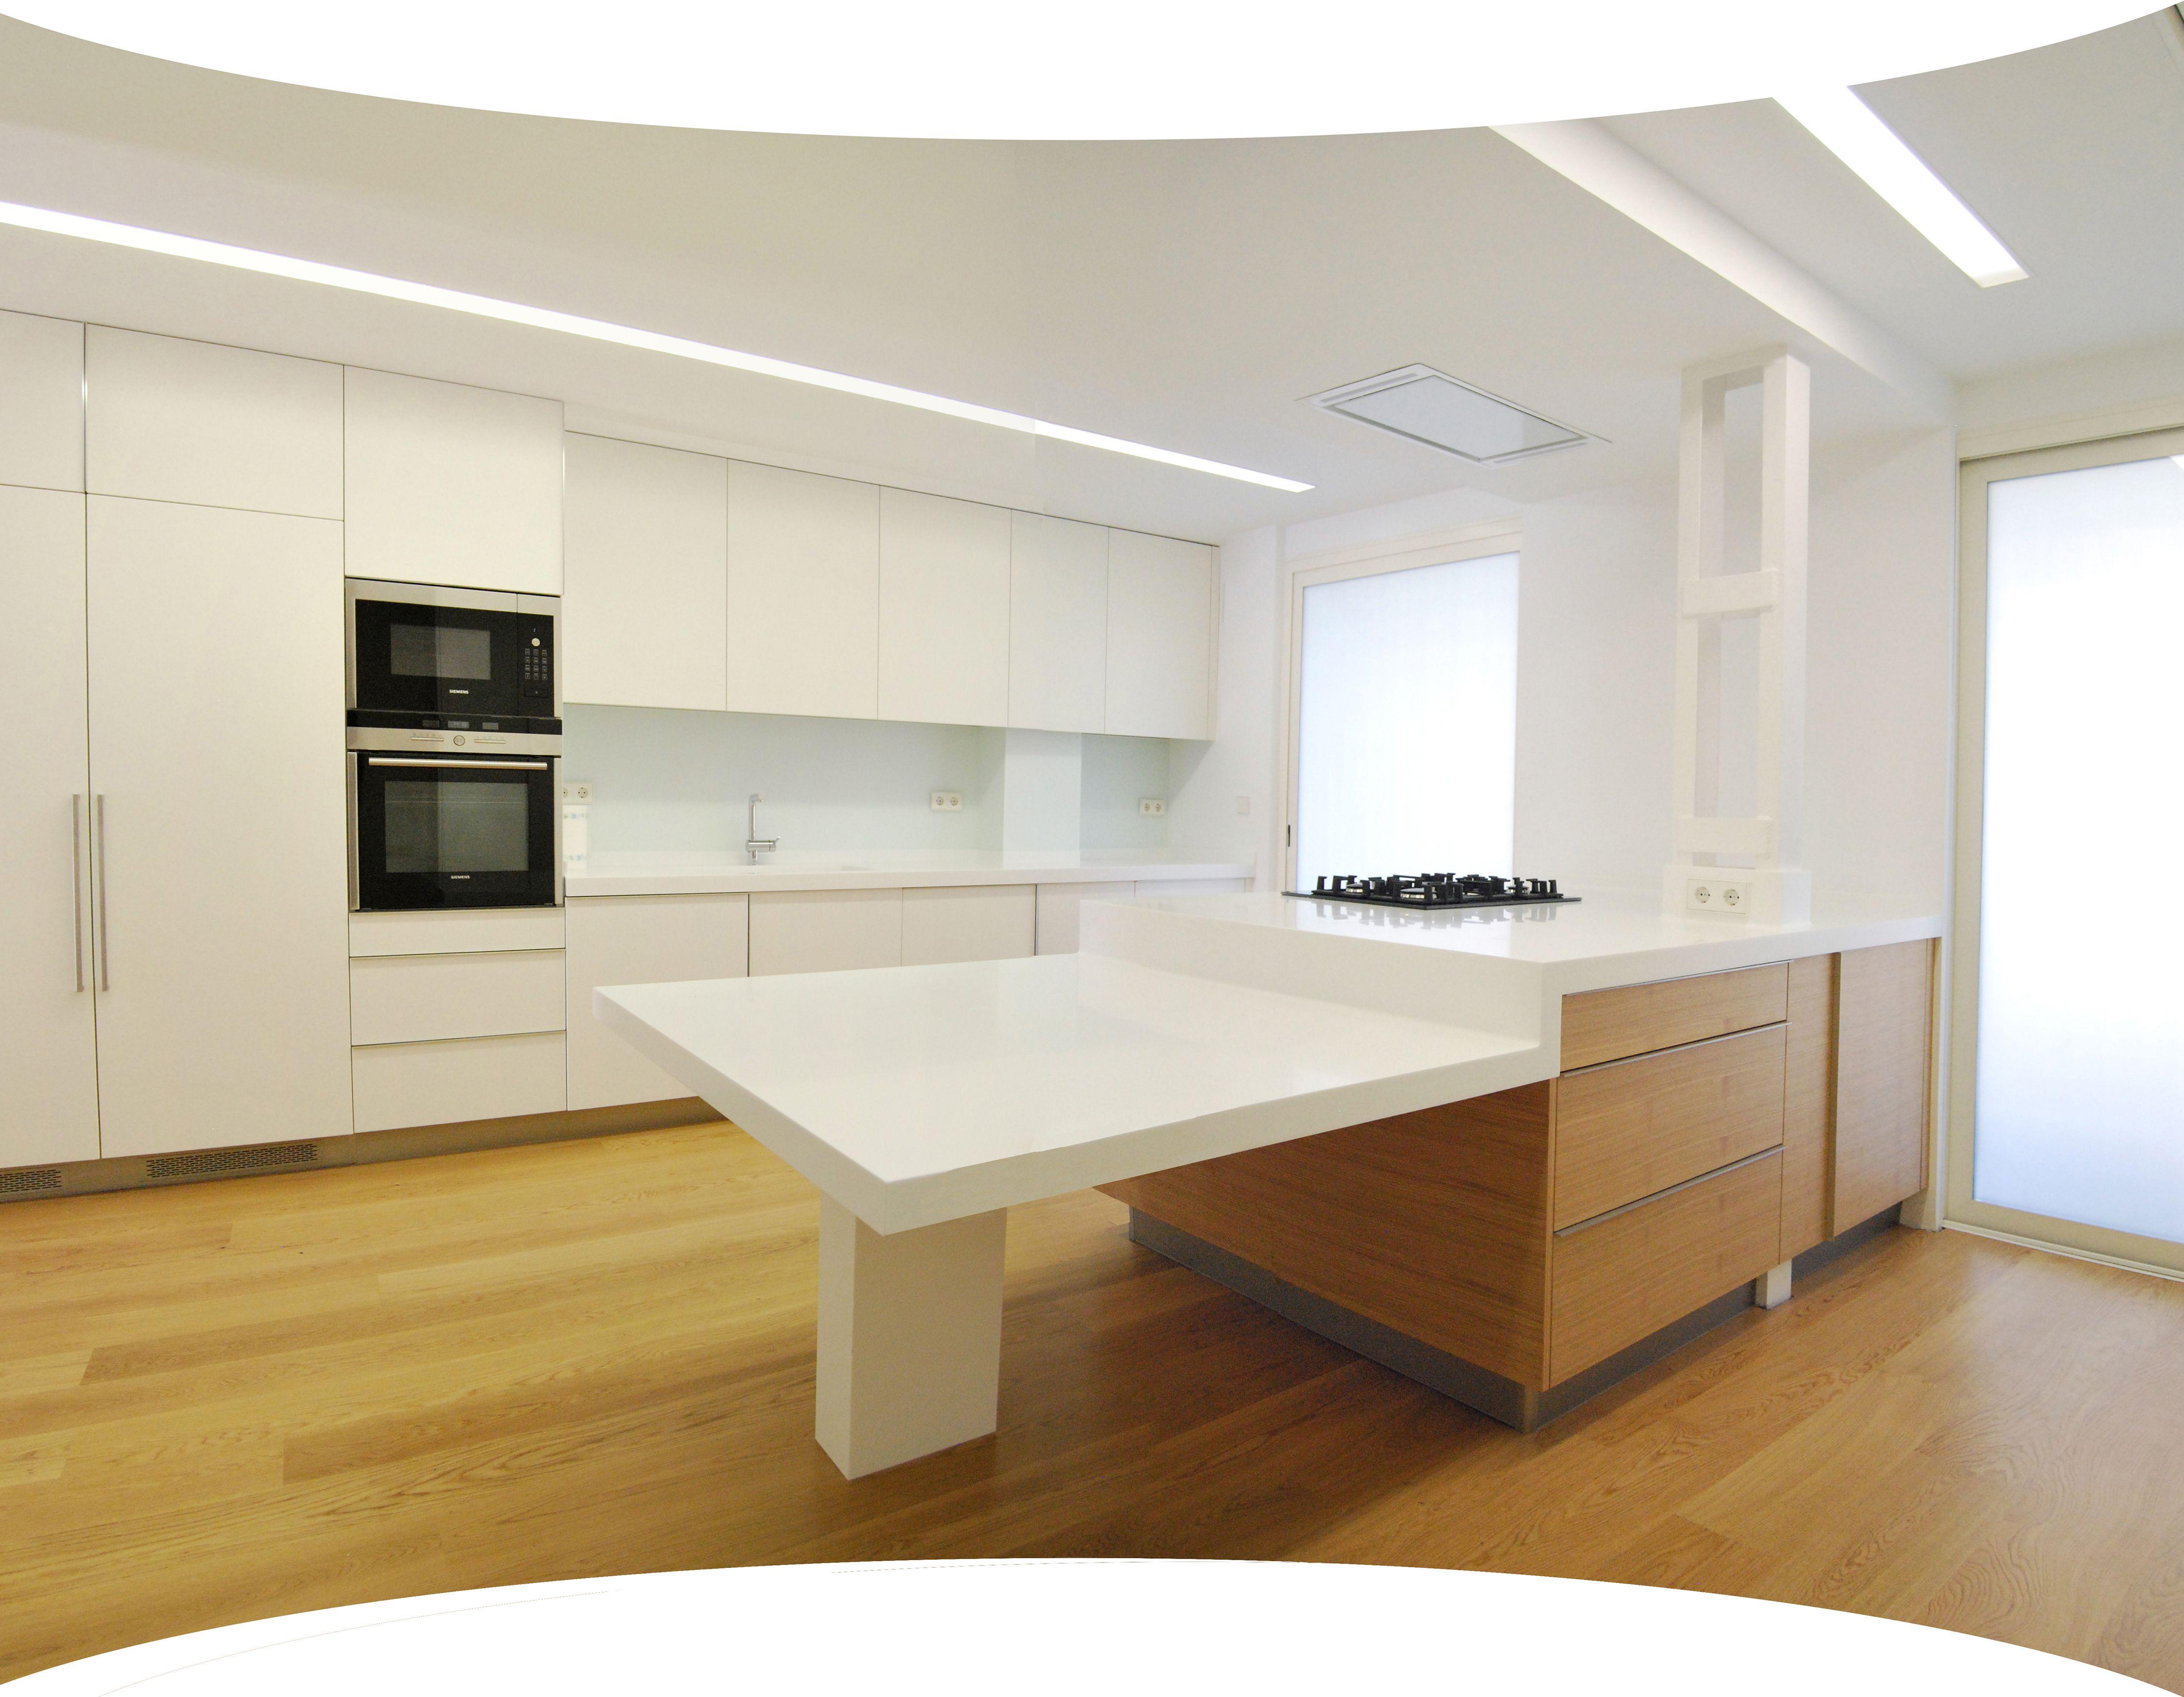 Increíble Comer En Mesa De La Cocina Composición - Ideas de ...